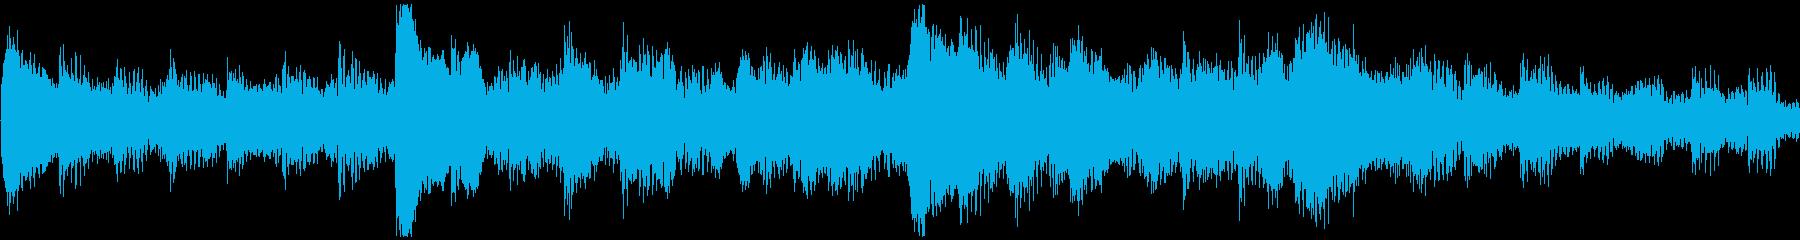 <Loop> 駆け出す ピアノの再生済みの波形